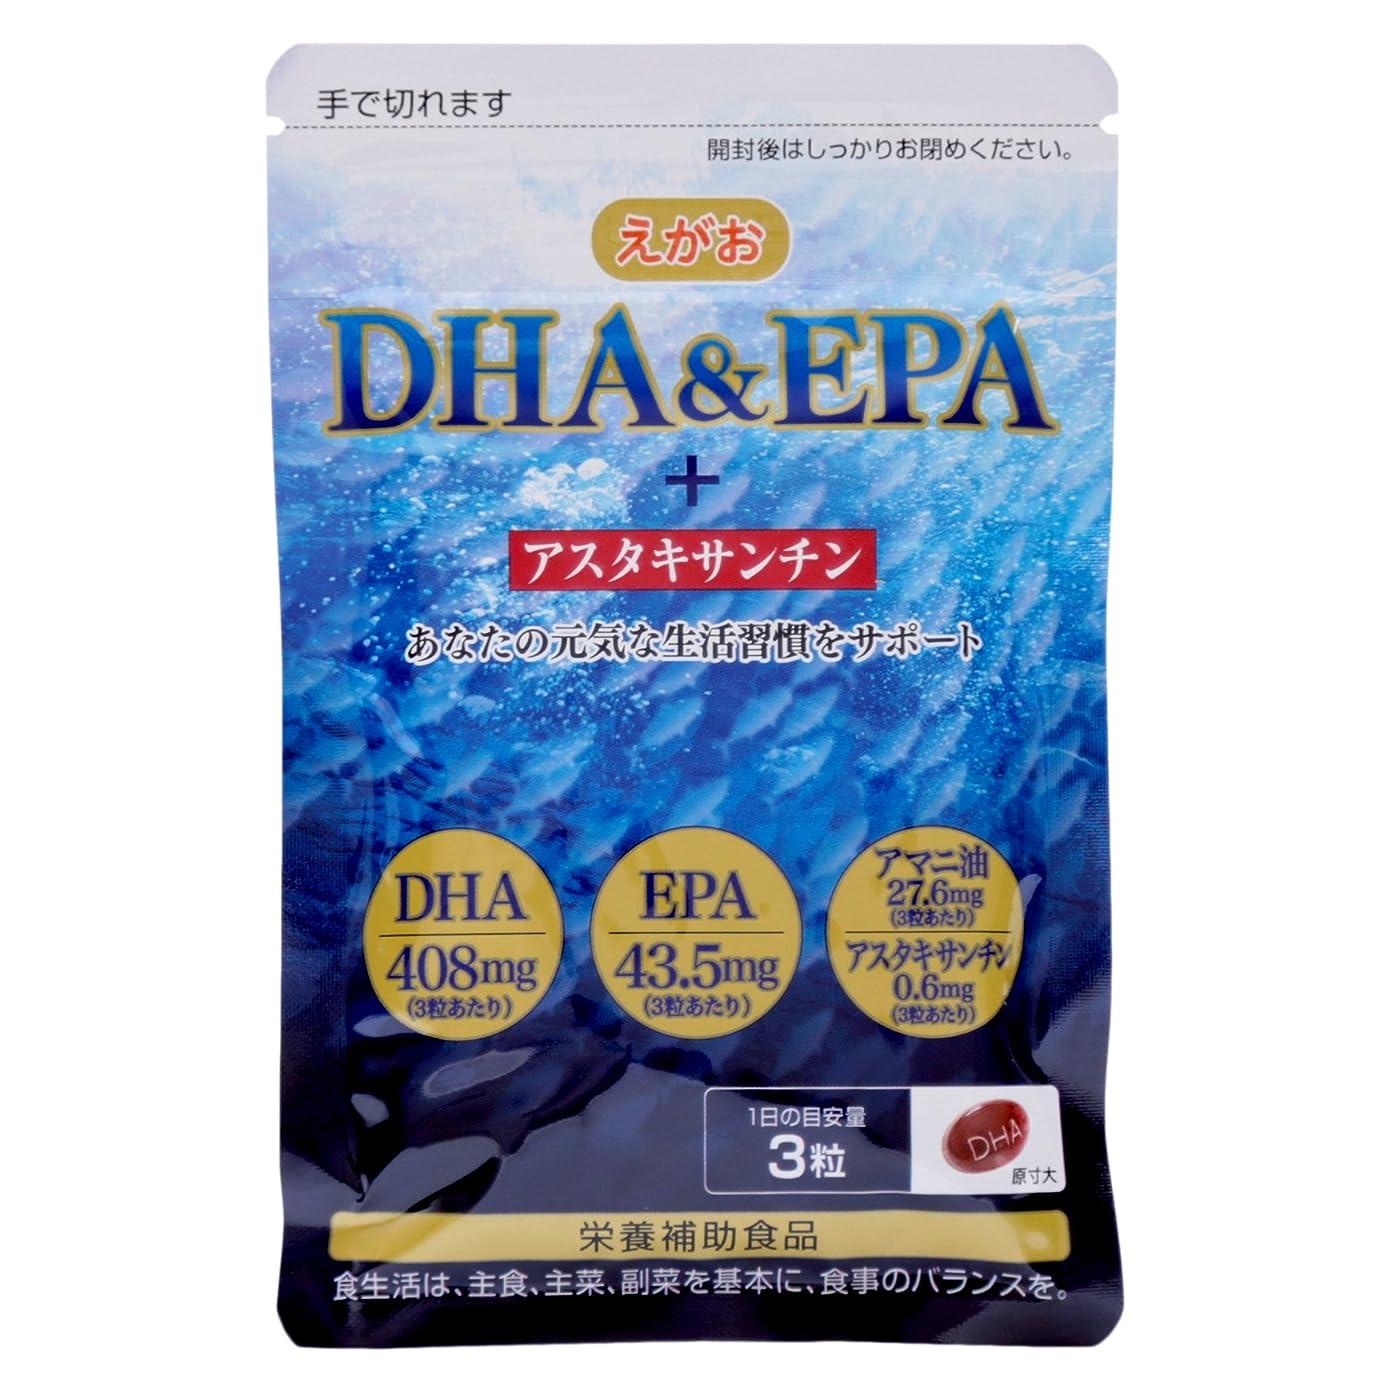 ミニチュア殺します何かえがおの DHA&EPA+アスタキサンチン 【1袋】(1袋/93粒入り 約1ヵ月分) 栄養補助食品